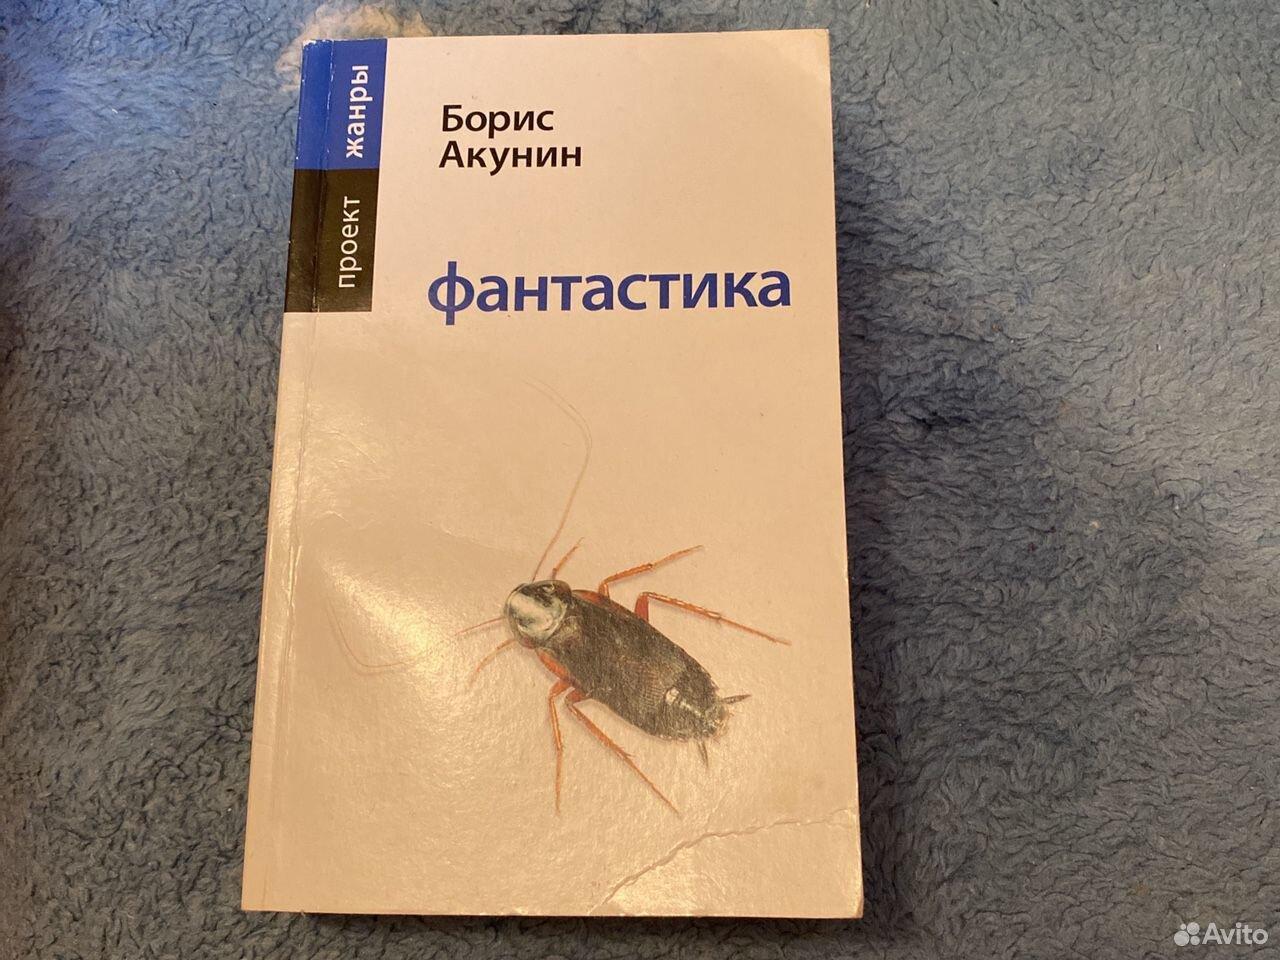 Книга Борис Акунин. Фантастика  89995591619 купить 1